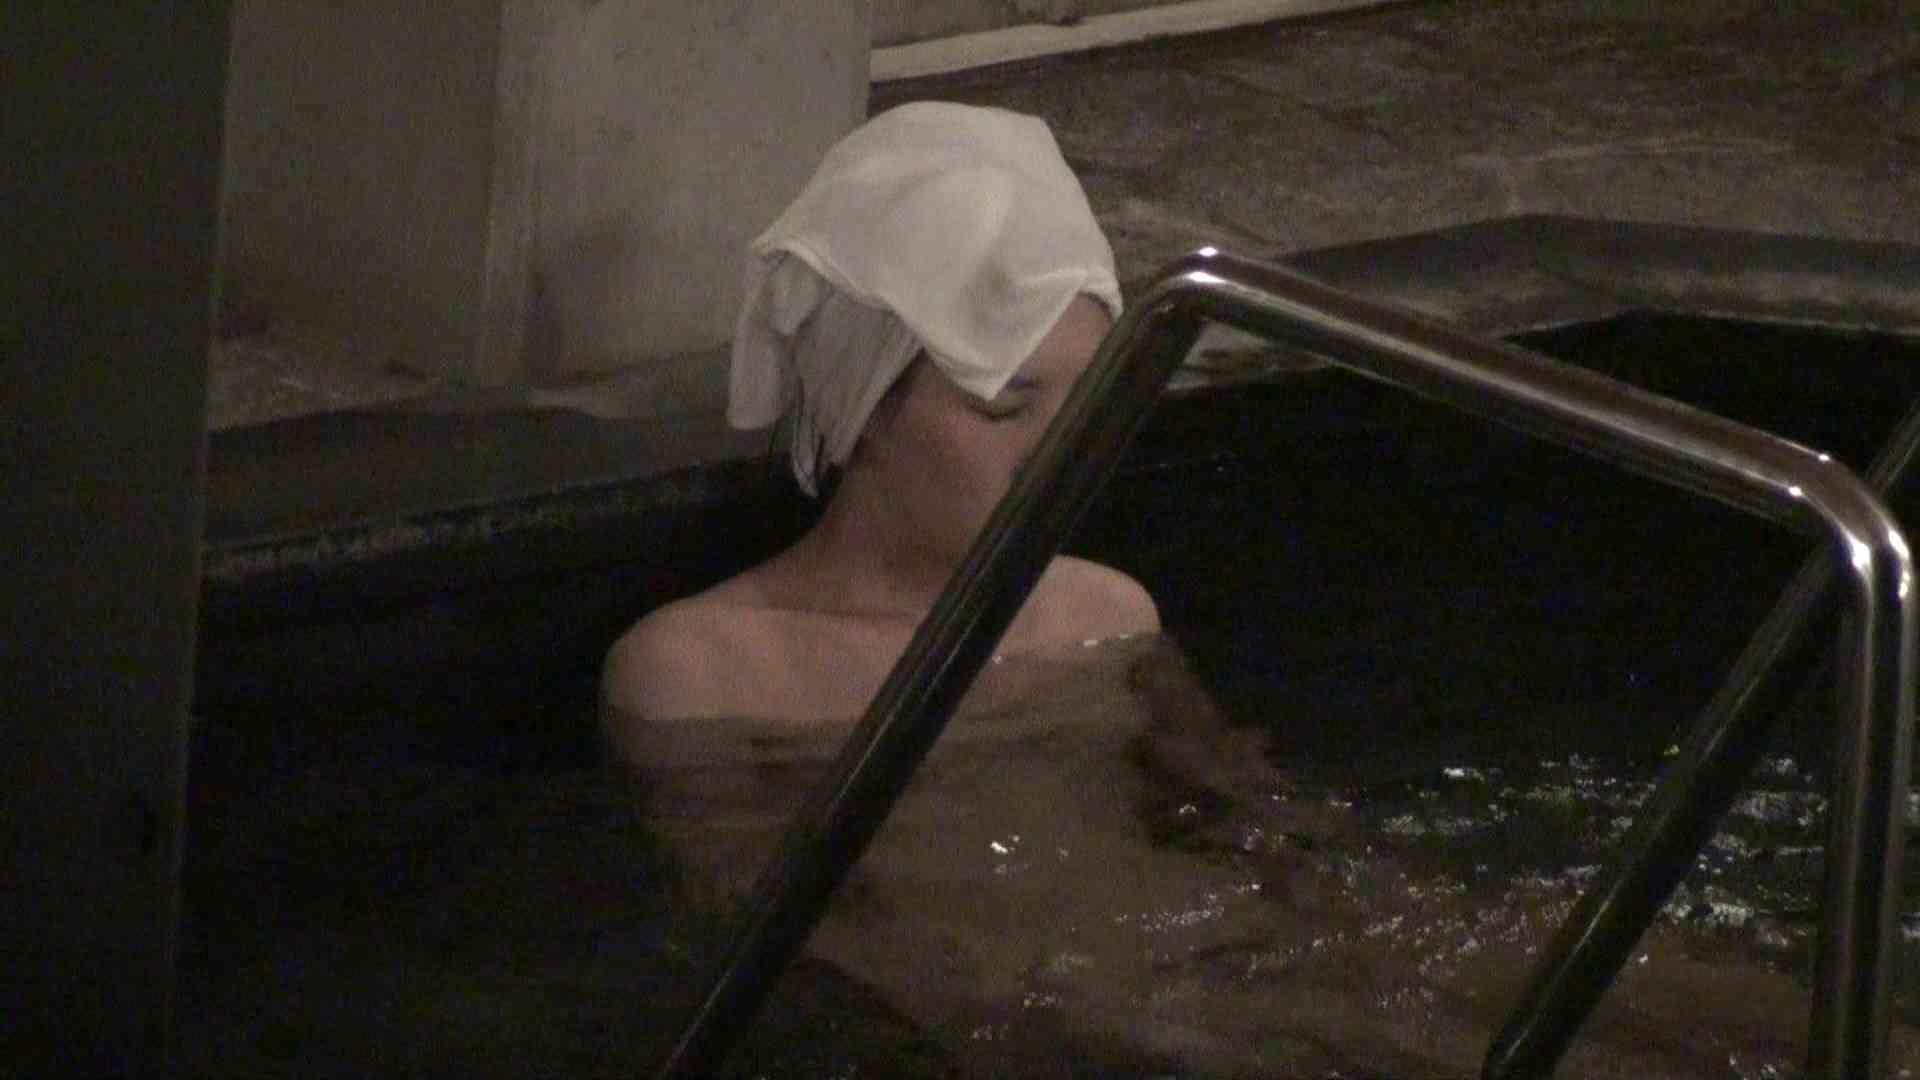 Aquaな露天風呂Vol.358 OLハメ撮り  54Pix 21